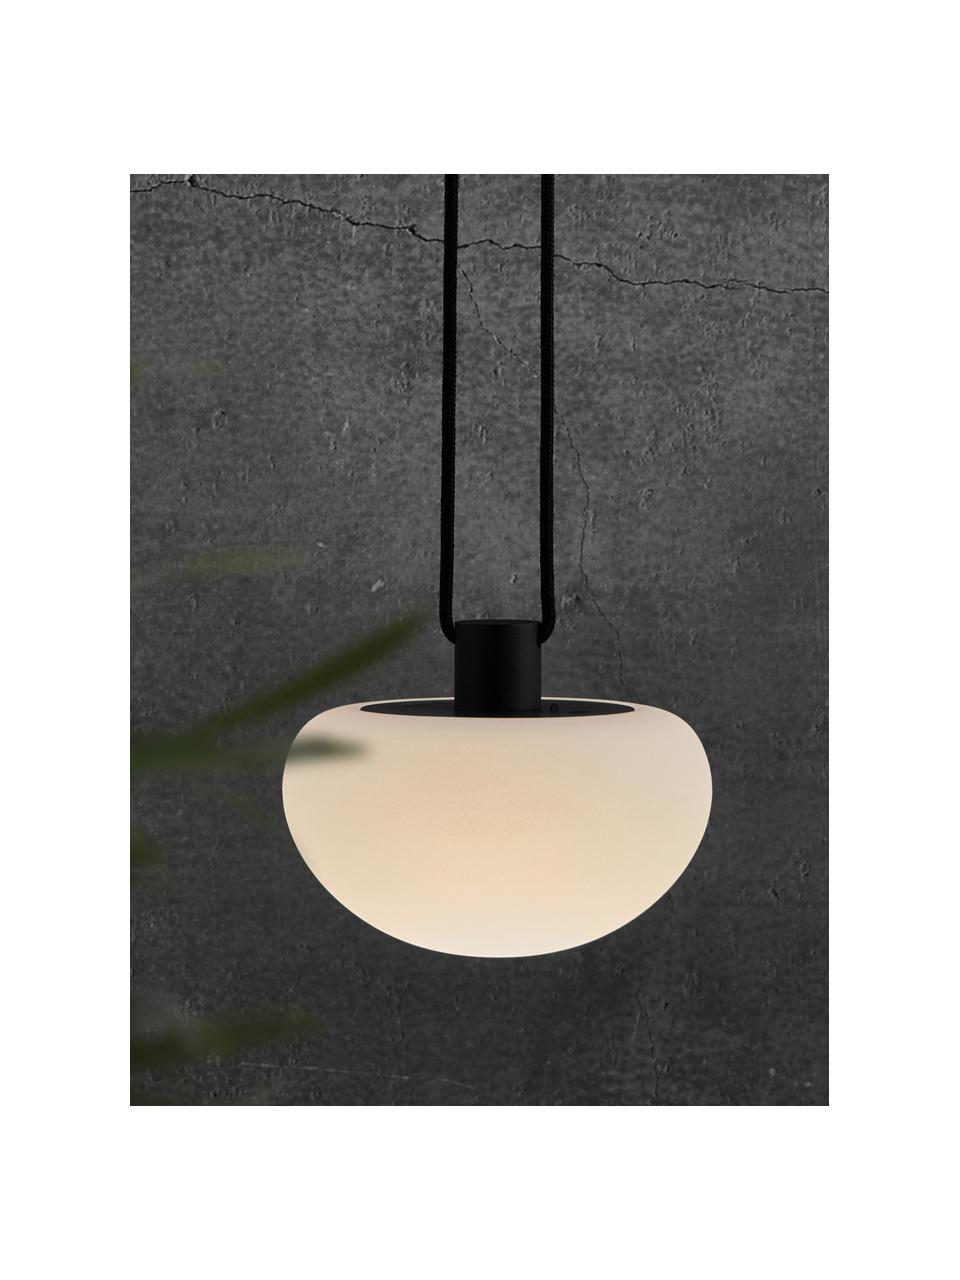 Mobila lampa wisząca z funkcją przyciemniania Sponge, Biały, czarny, Ø 20 x W 16 cm